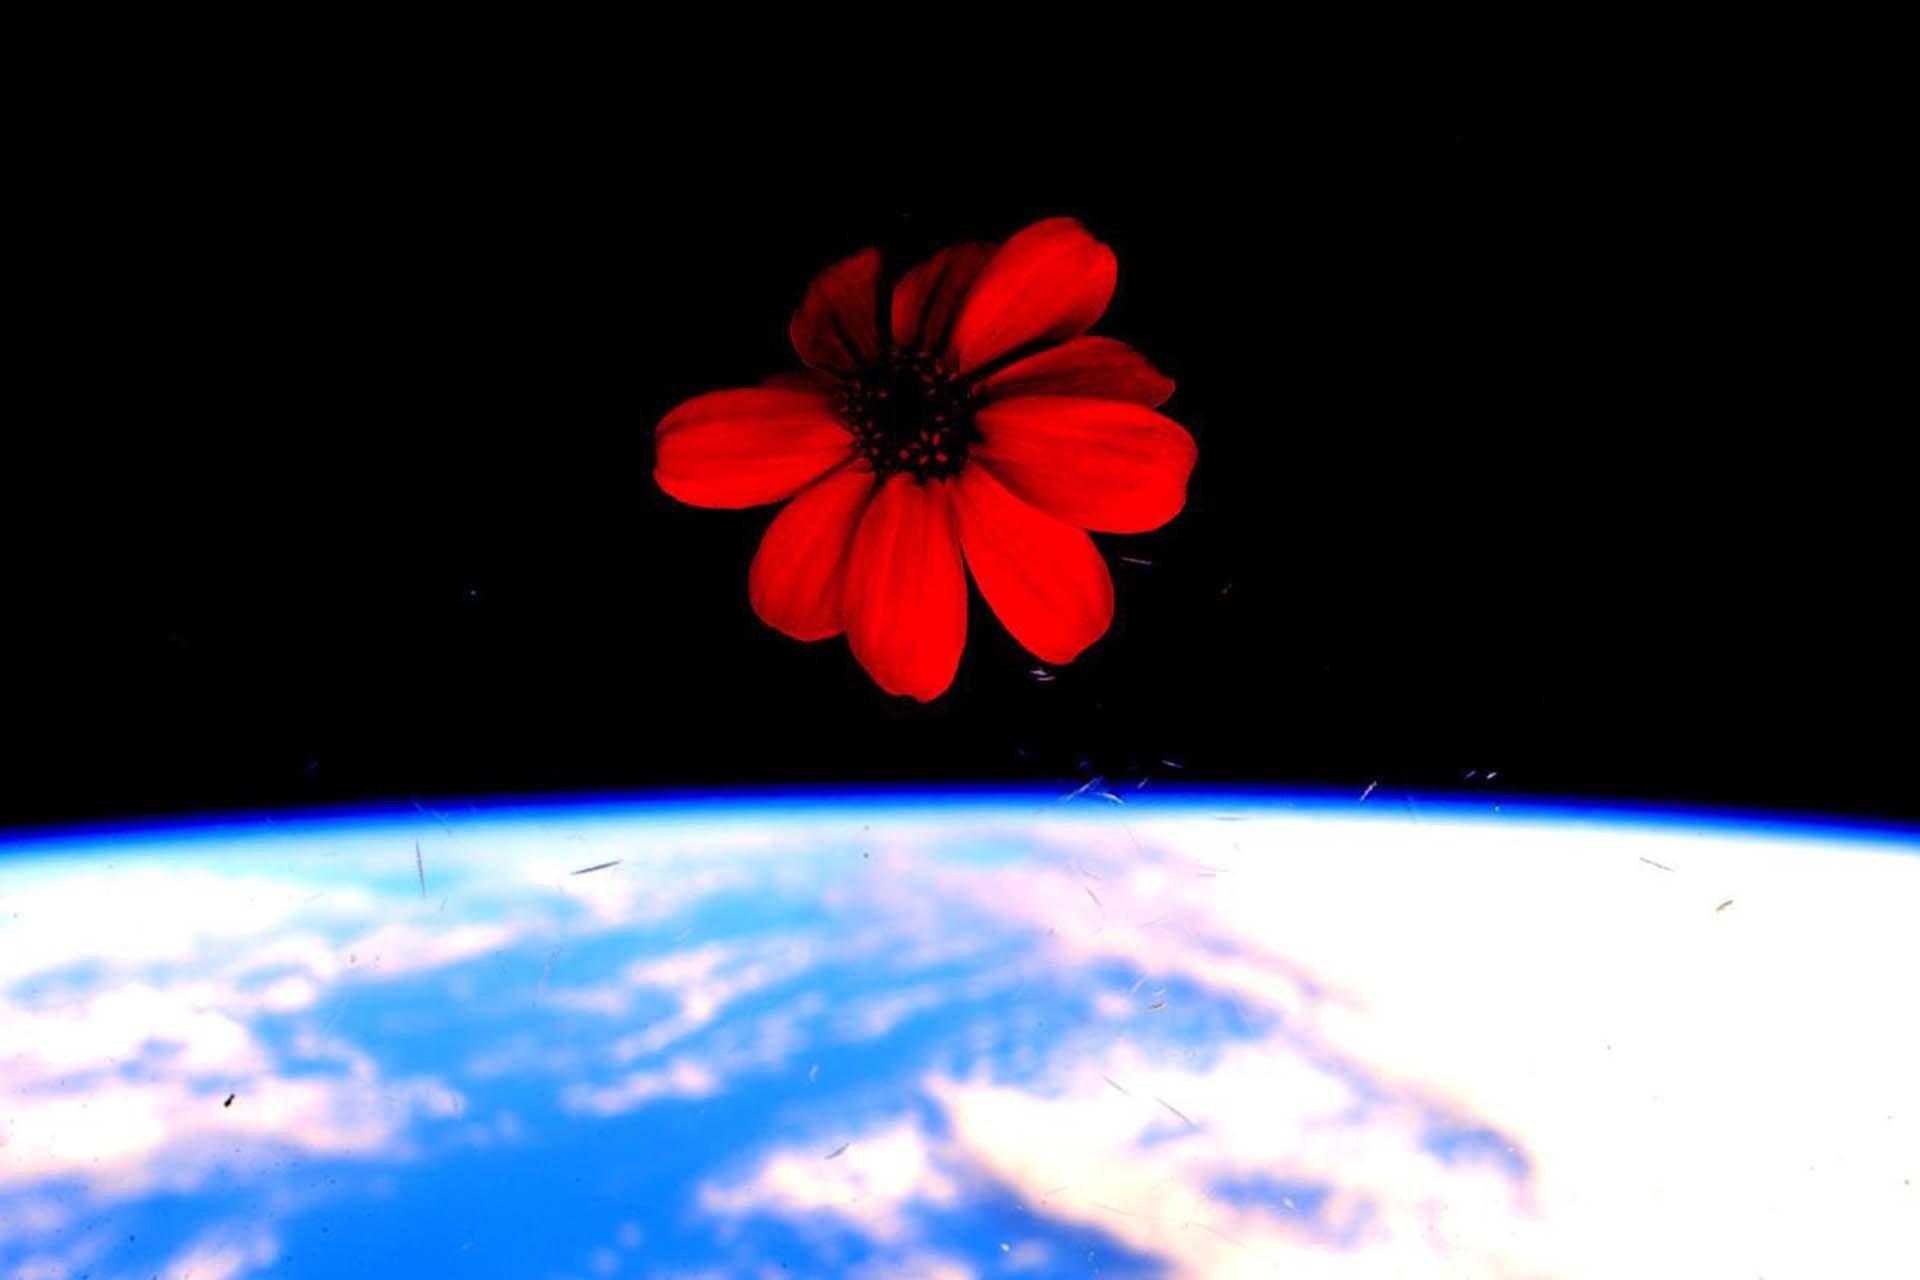 Después de 340 días, más de 5,000 viajes alrededor de la Tierra, y casi 200 galones de agua potable obtenida reciclando sudor y orina, el astronauta estadounidense Scott Kelly y el cosmonauta ruso Mikhail Korniyenko regresaron a la Tierra este miércoles concluyendo así su triunfal#YearInSpace(Año en el Espacio). Una misión que será recordada durante mucho tiempo por su audacia, y por las fotografías deslumbrantes que produjo Kelly.